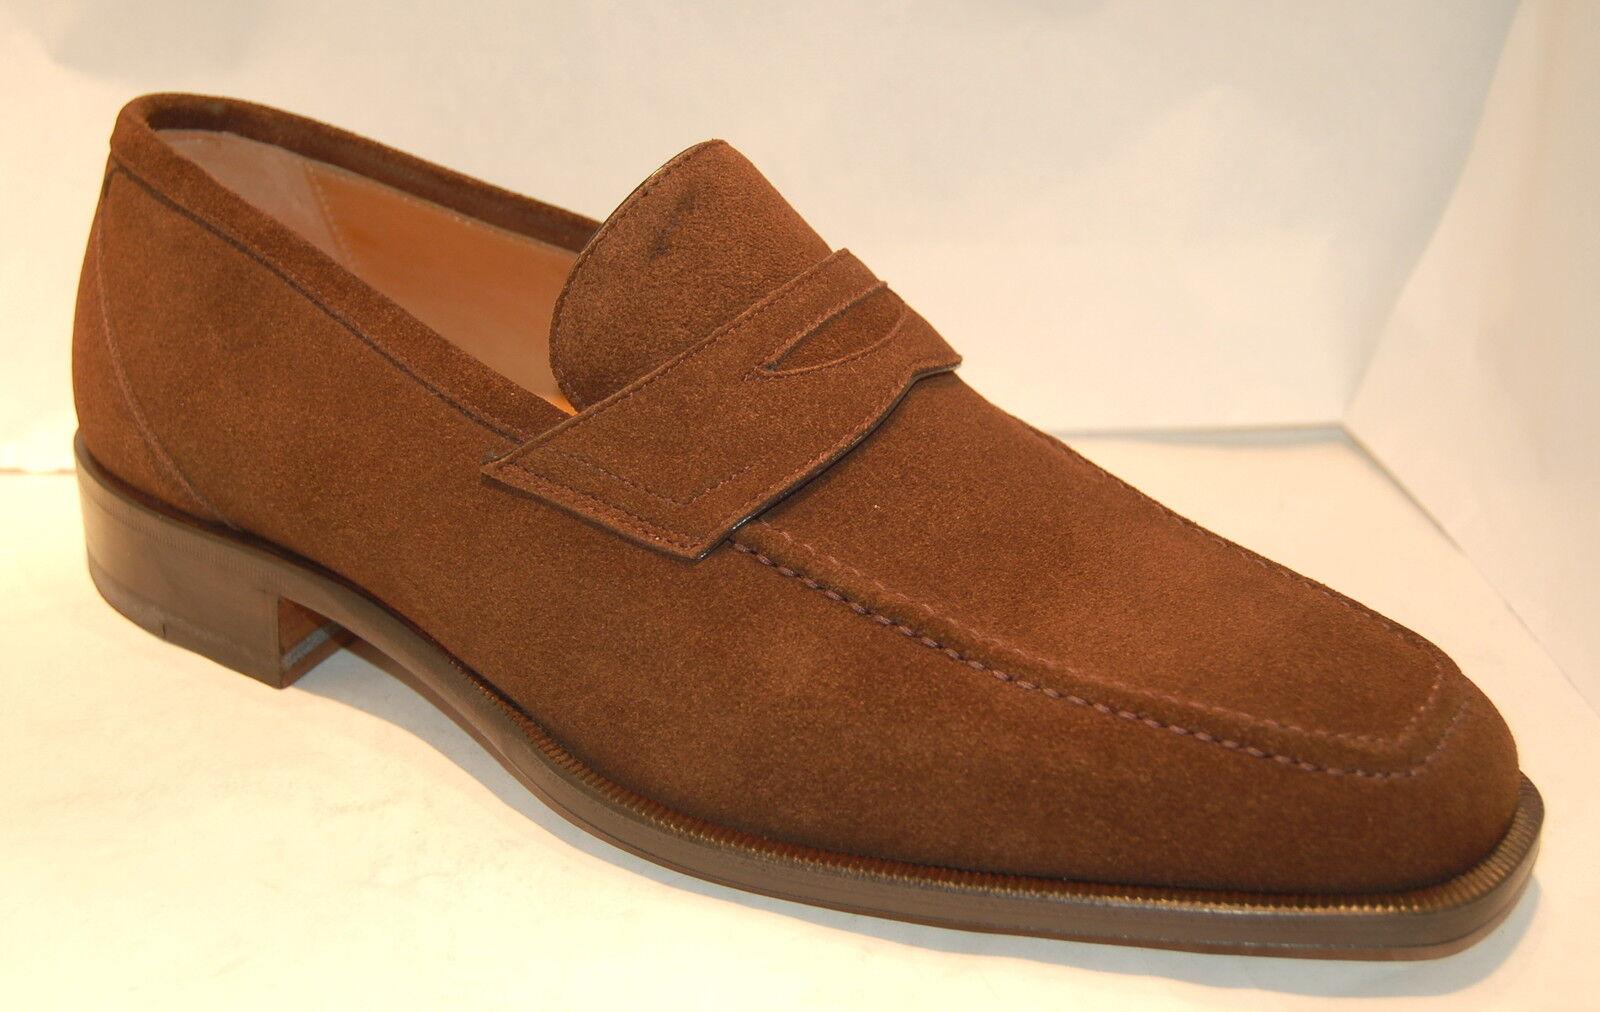 UOMO - 40 - PENNY LOAFER VIT. SUEDE - SUOLA CUOIO - Scarpe classiche da uomo